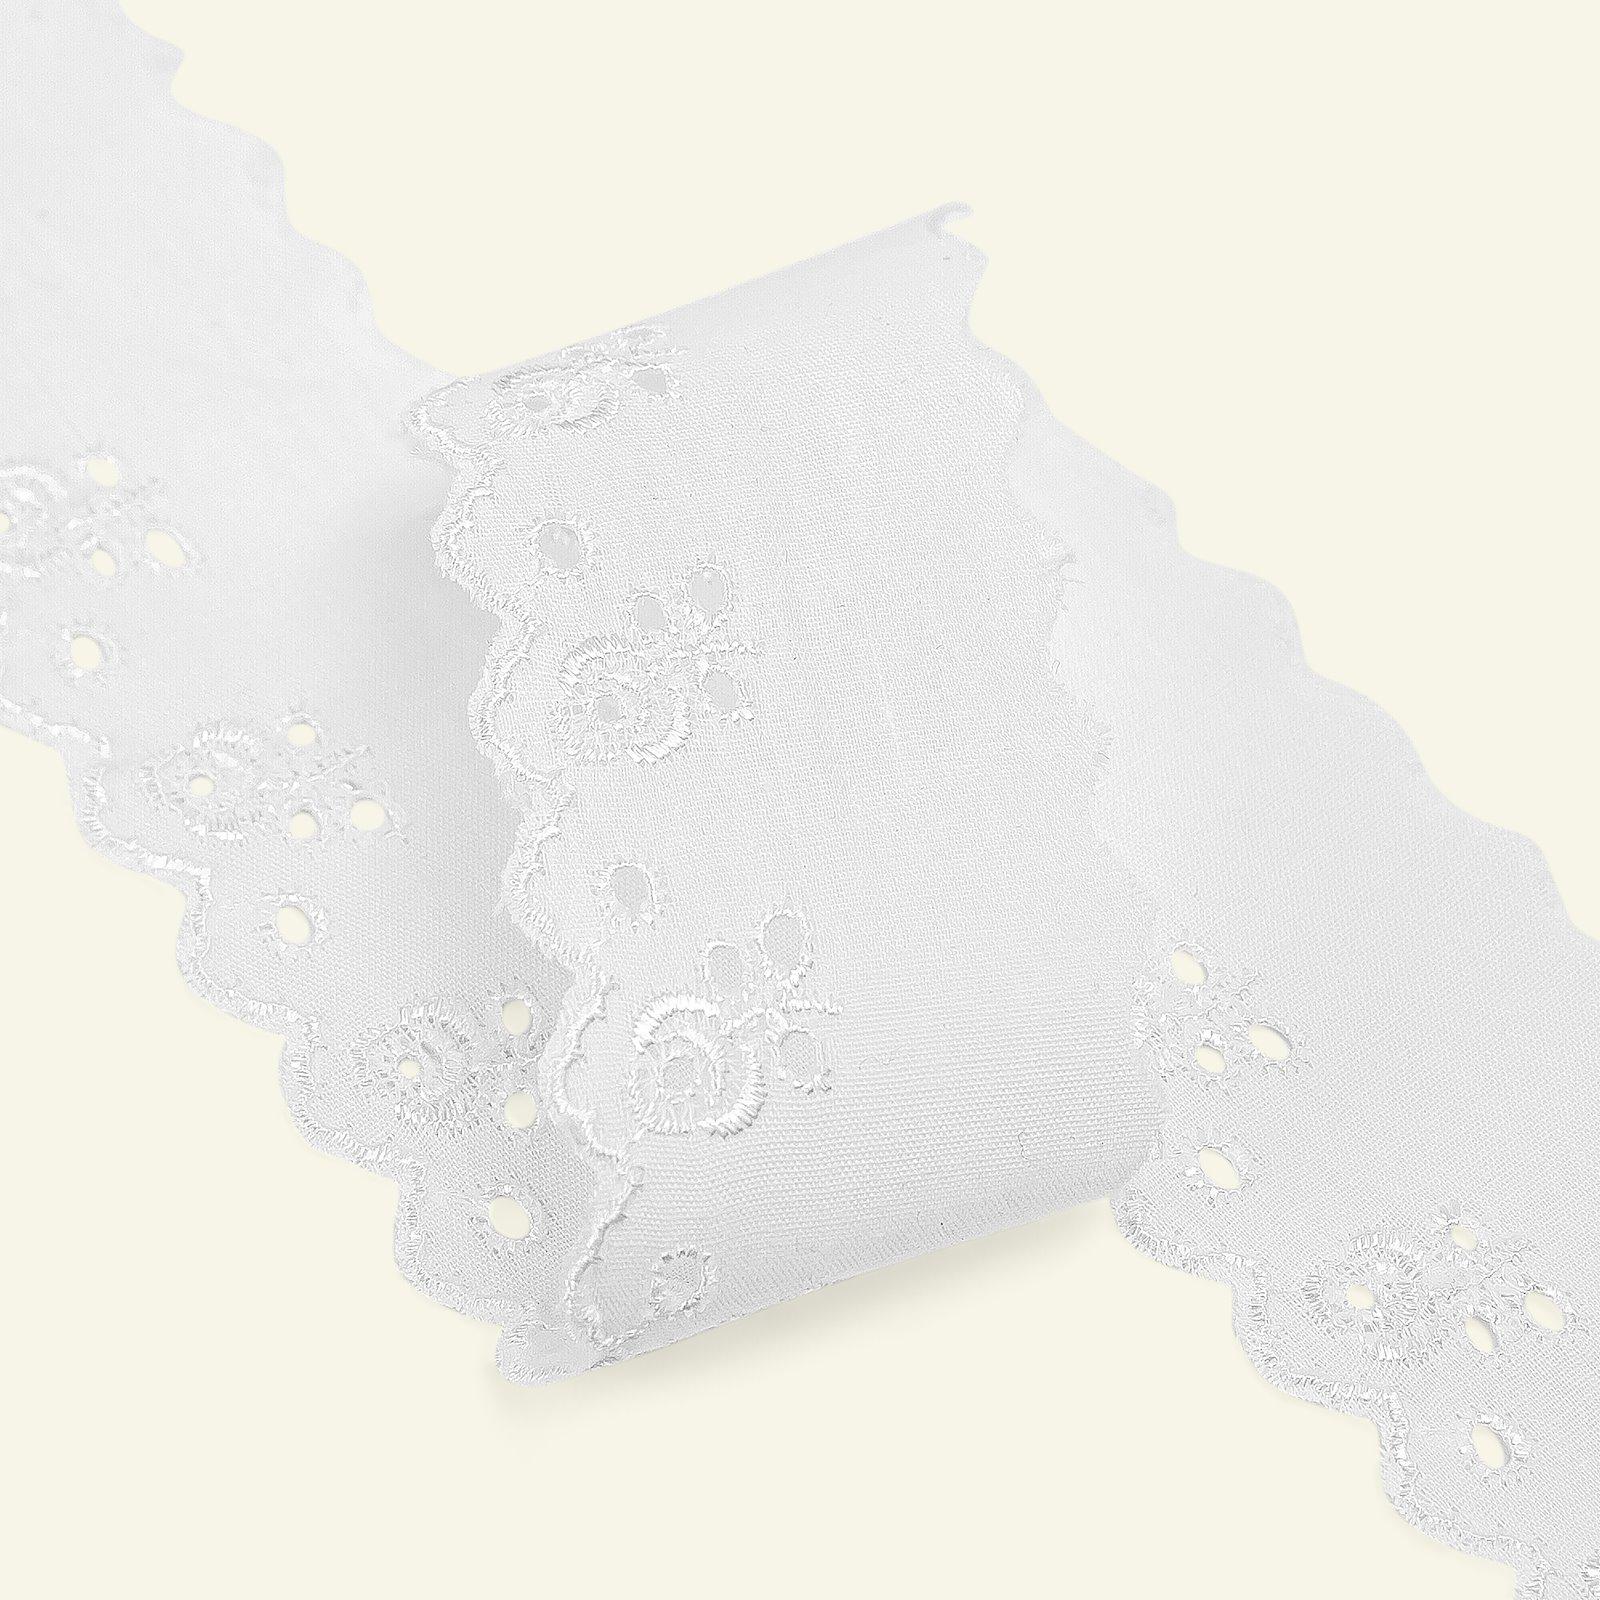 Festoon 38mm white 13,7m 20066_pack